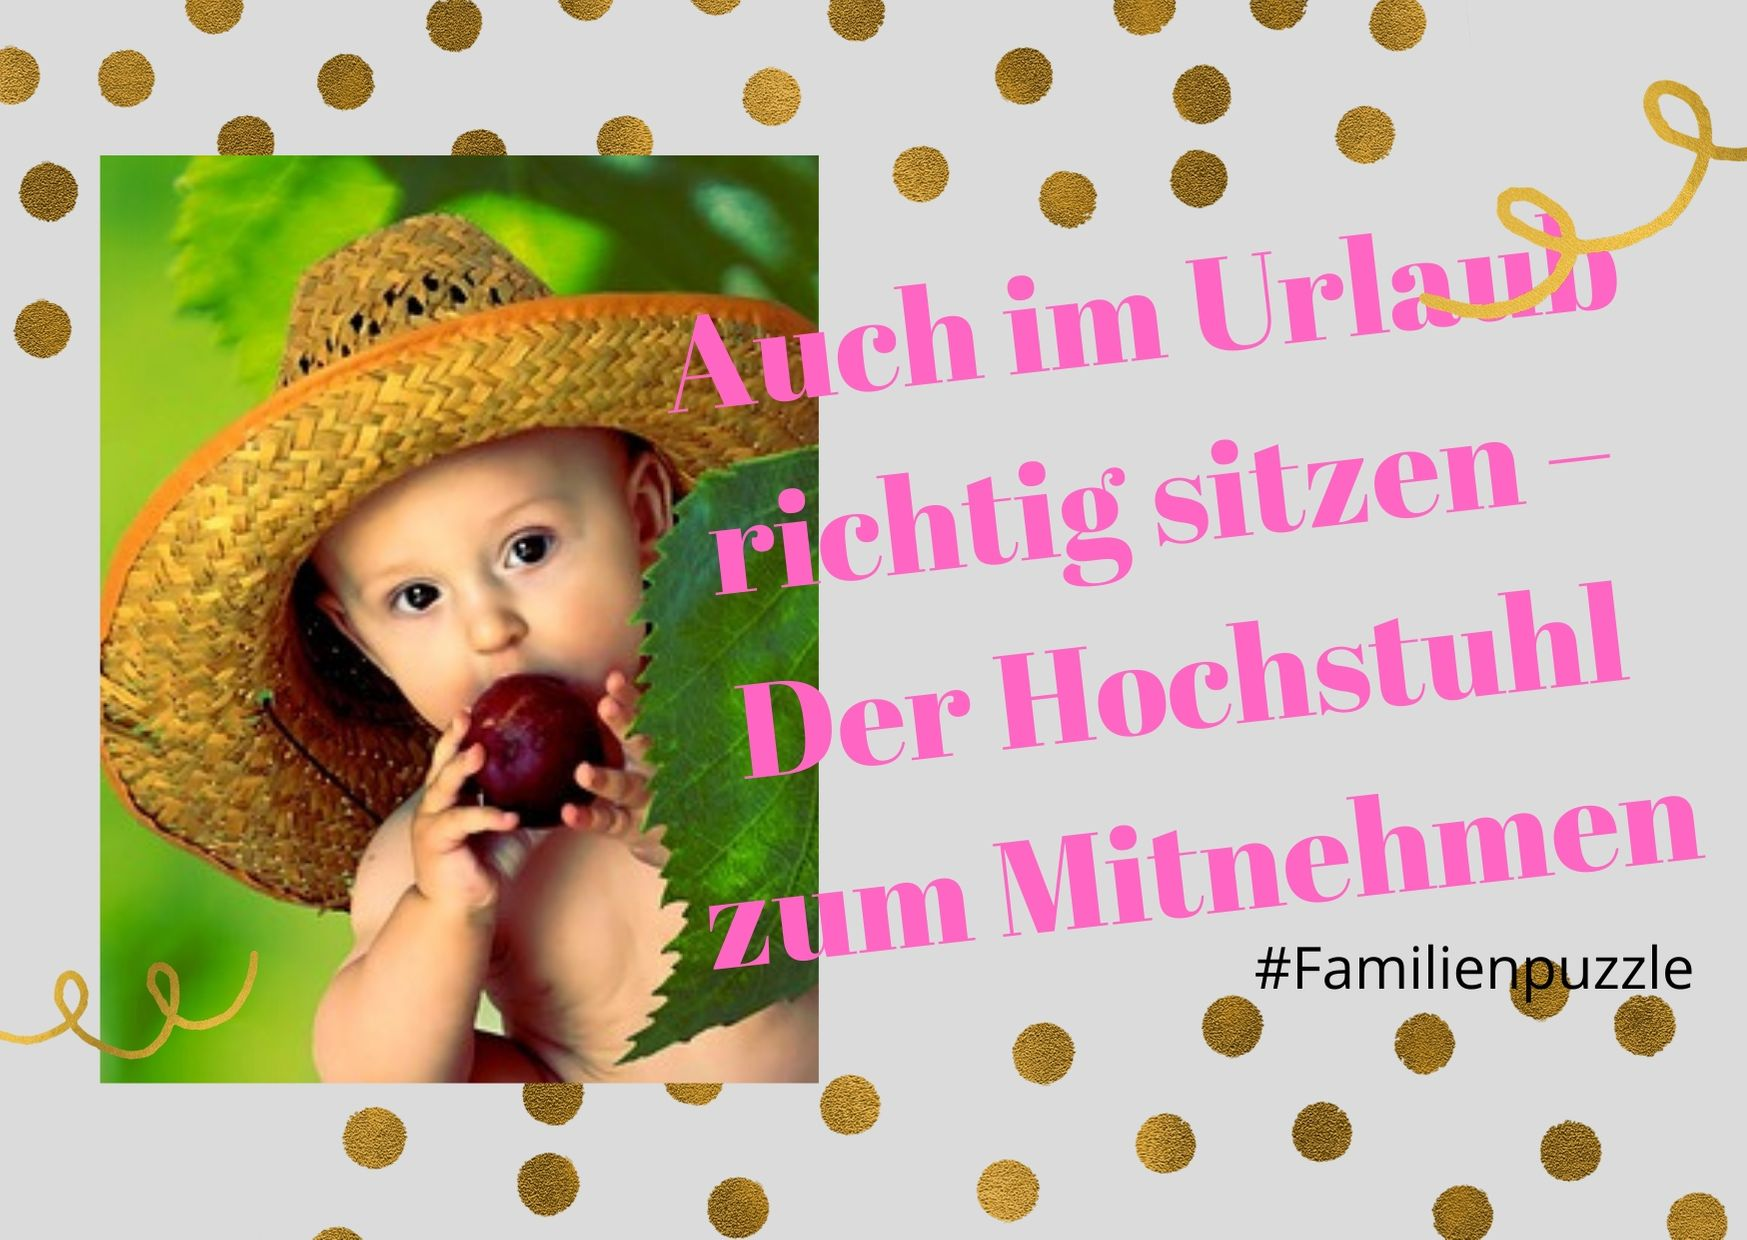 Titelbild: Auch im Urlaub richtig sitzen – Der Hochstuhl zum Mitnehmen. Baby mit Apfel.